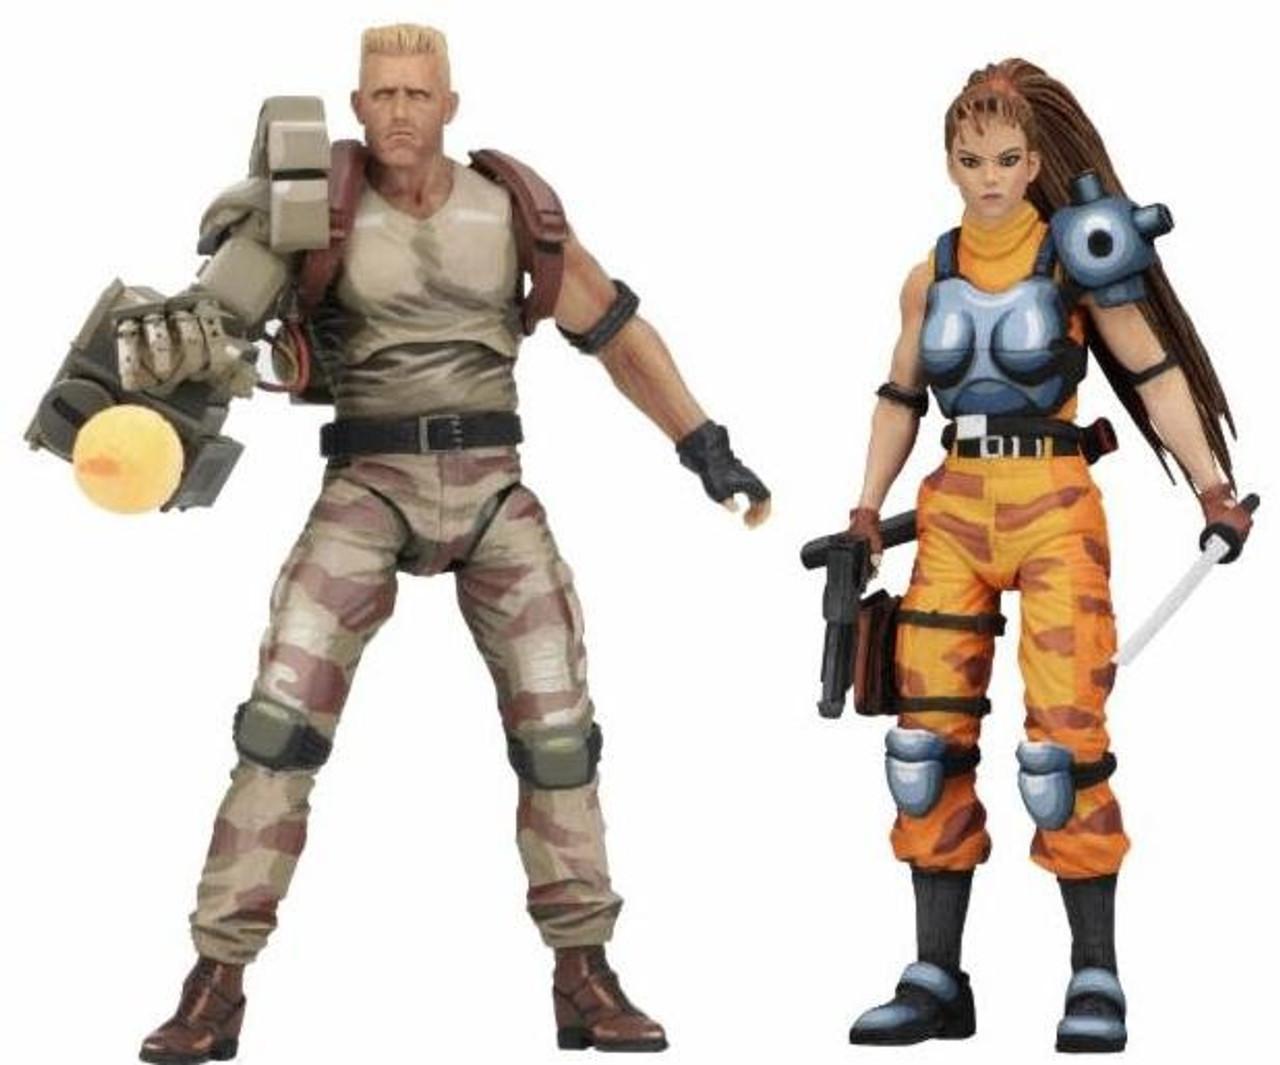 Film-, TV- & Video-Action- & -Spielfiguren NECA Aliens Vs Predator Arcade Appearance Hunter Predator Action Figure